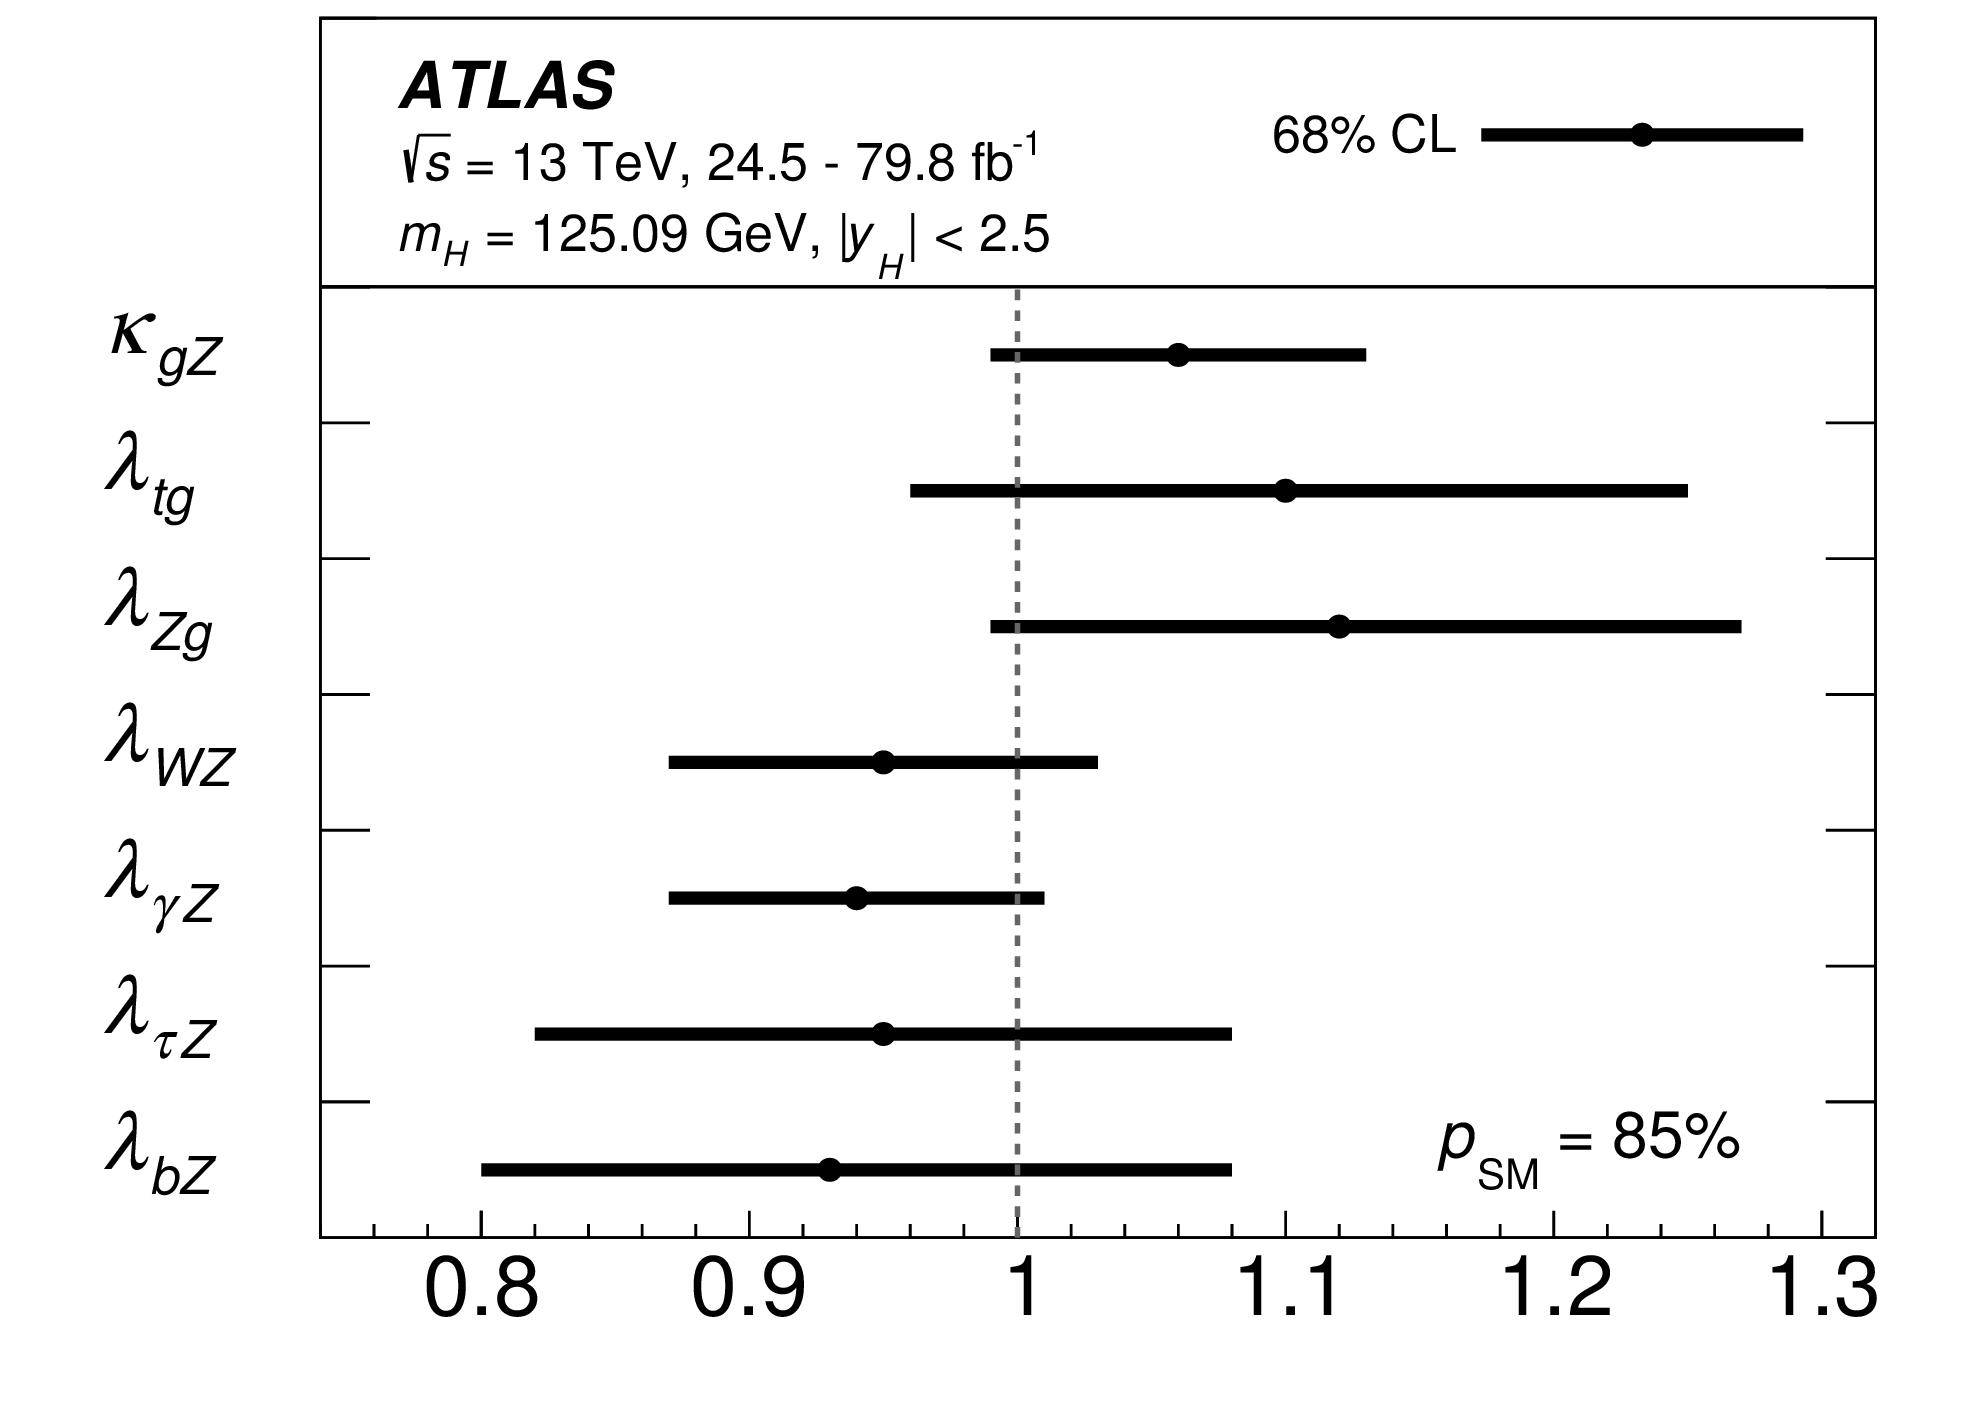 https://atlas.web.cern.ch/Atlas/GROUPS/PHYSICS/CombinedSummaryPlots/HIGGS/ATLAS_HIGGS4300_kappa_ratio_Summary/ATLAS_HIGGS4300_kappa_ratio_Summary.png